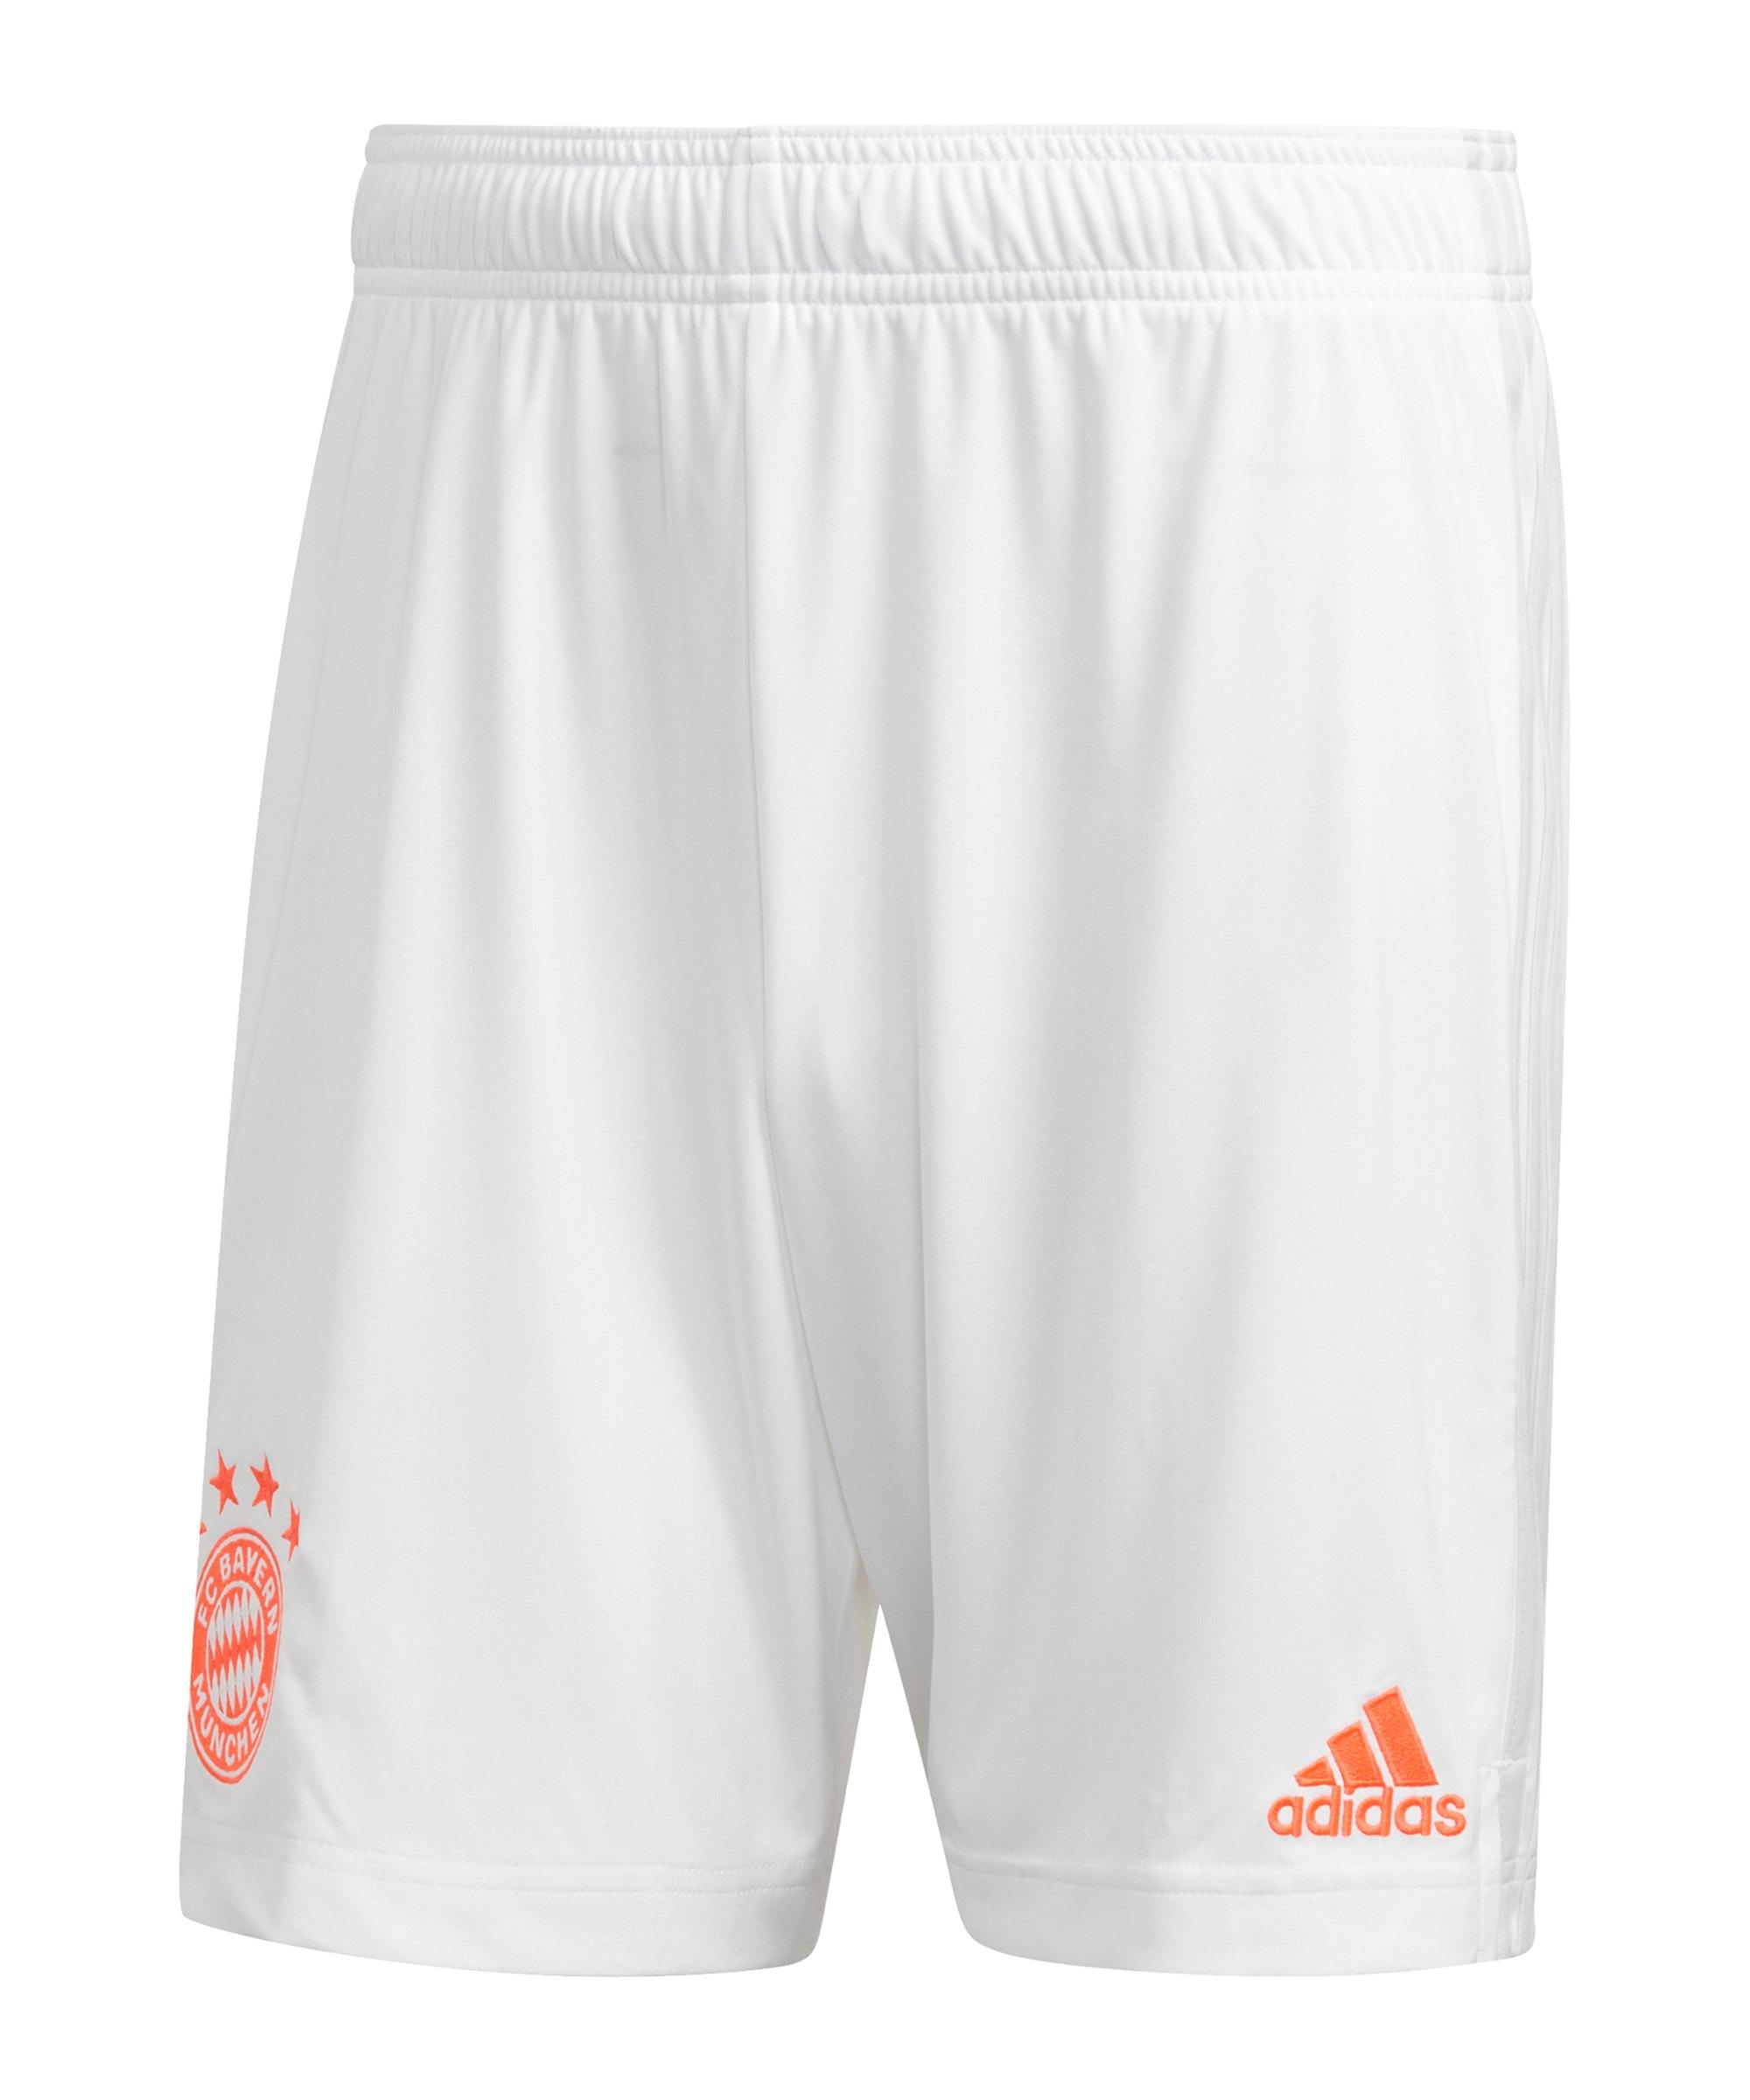 adidas FC Bayern München Short Away 2020/2021 Weiss - weiss